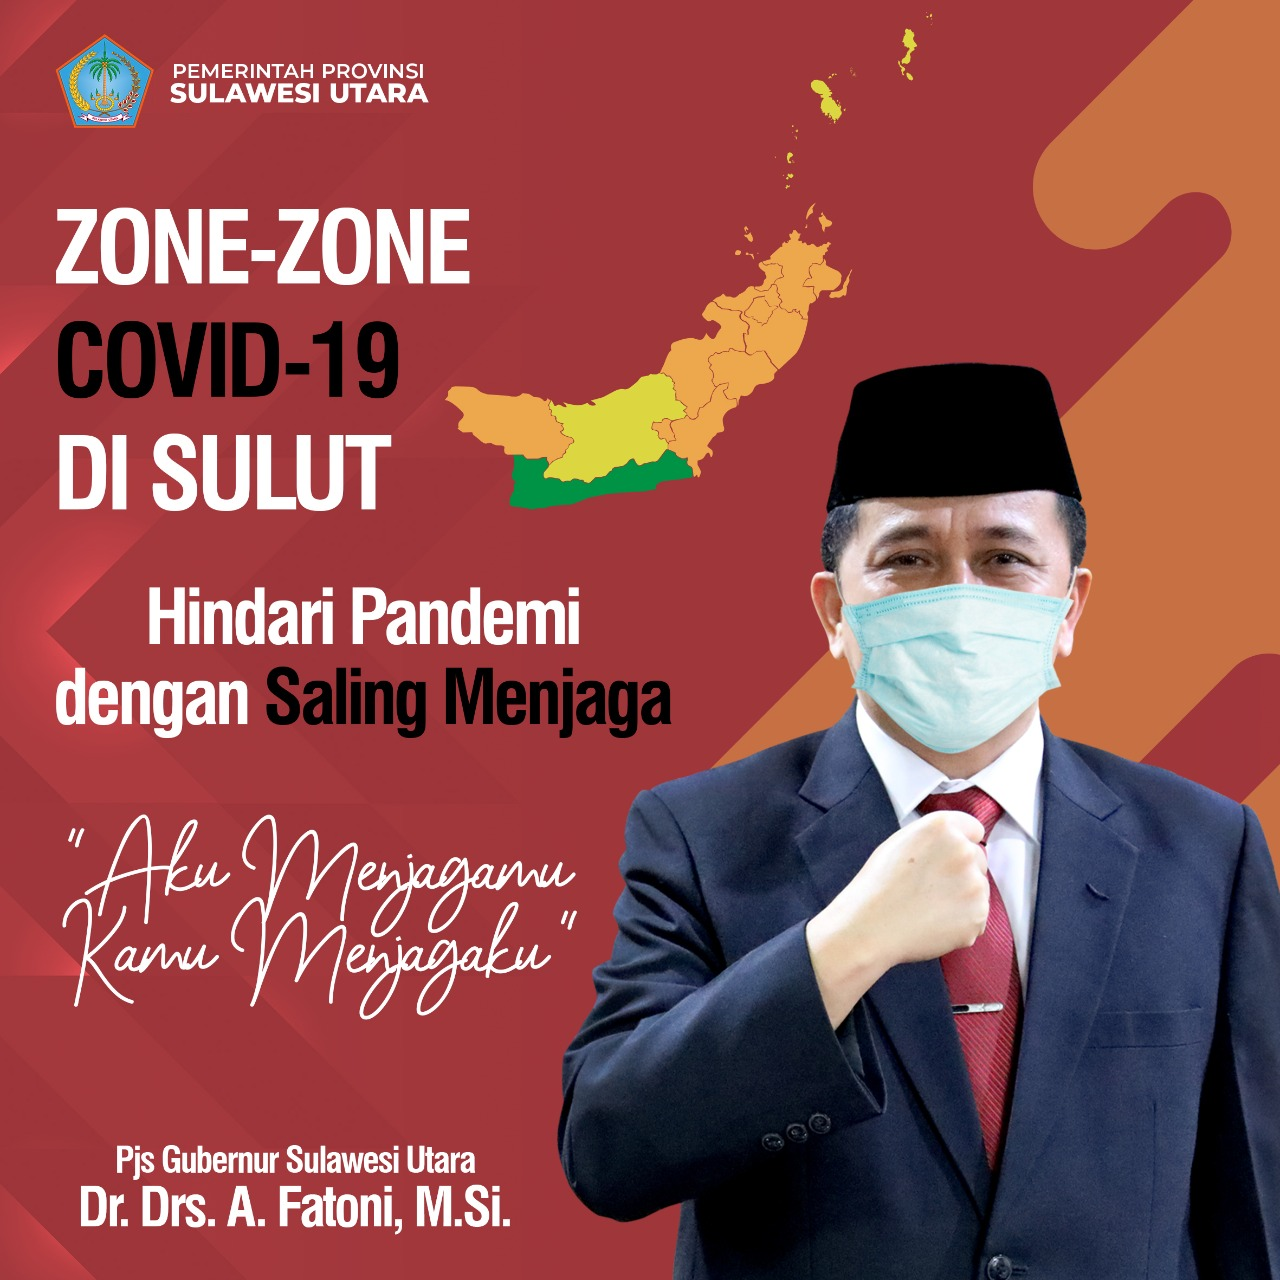 Hindari Pandemi Dengan Saling Menjaga